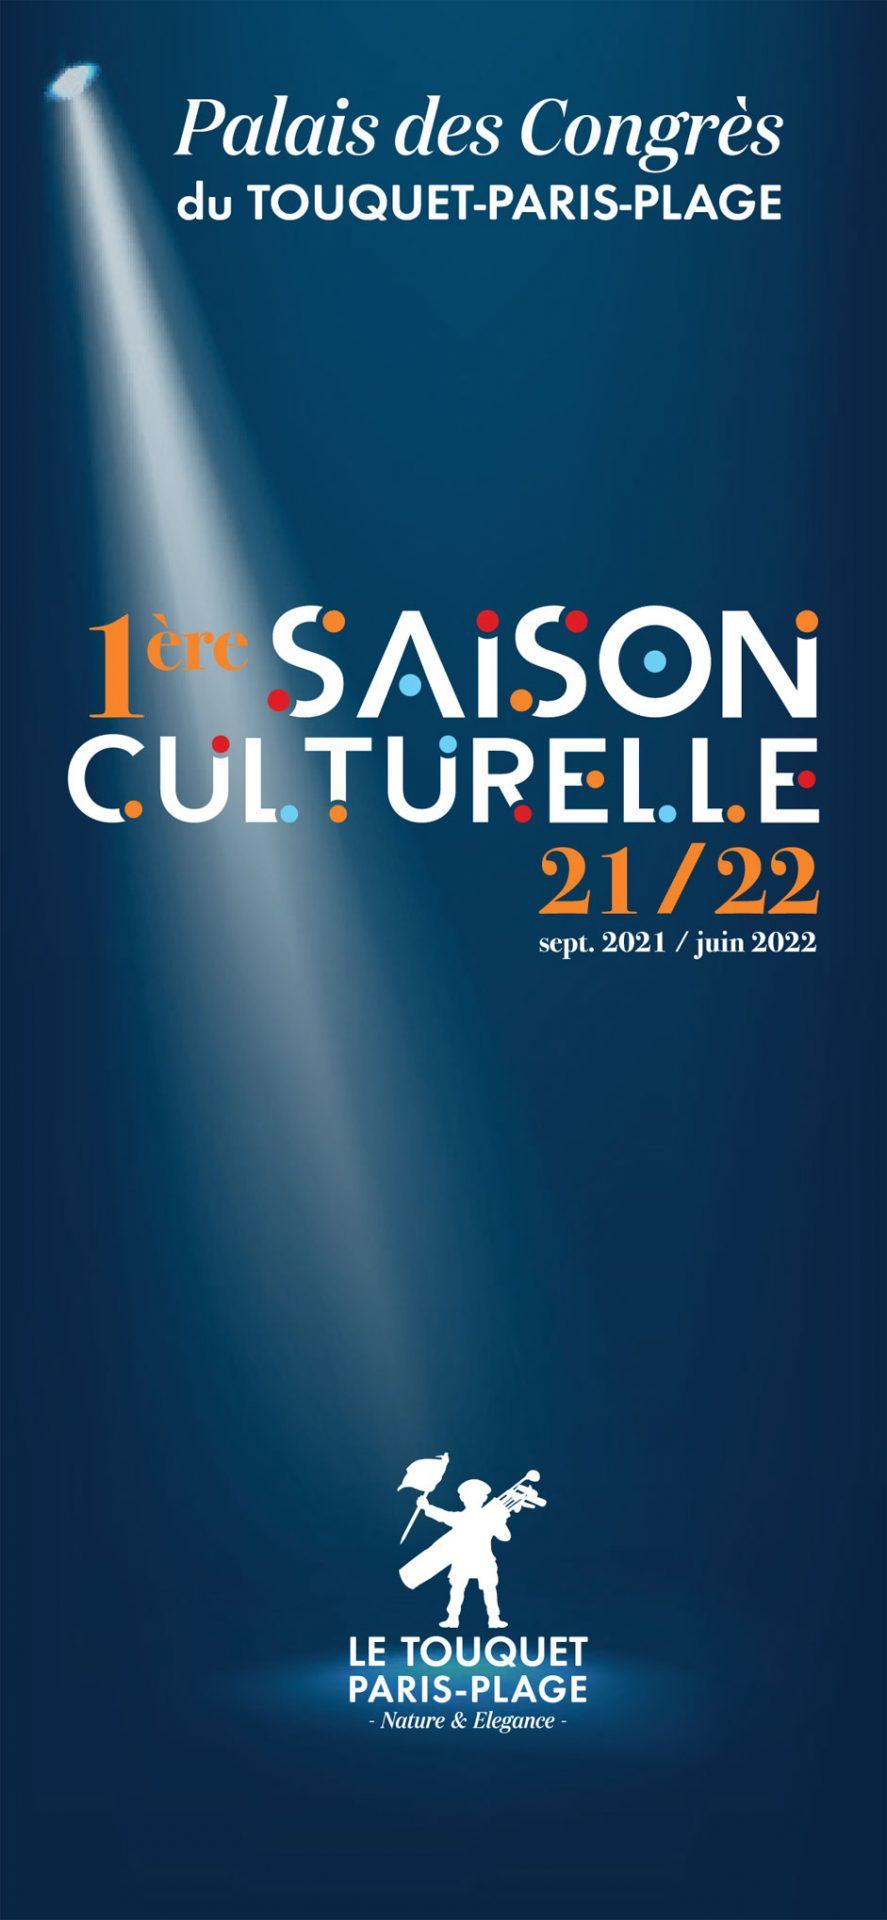 1ère Saison culturelle 2021/2022